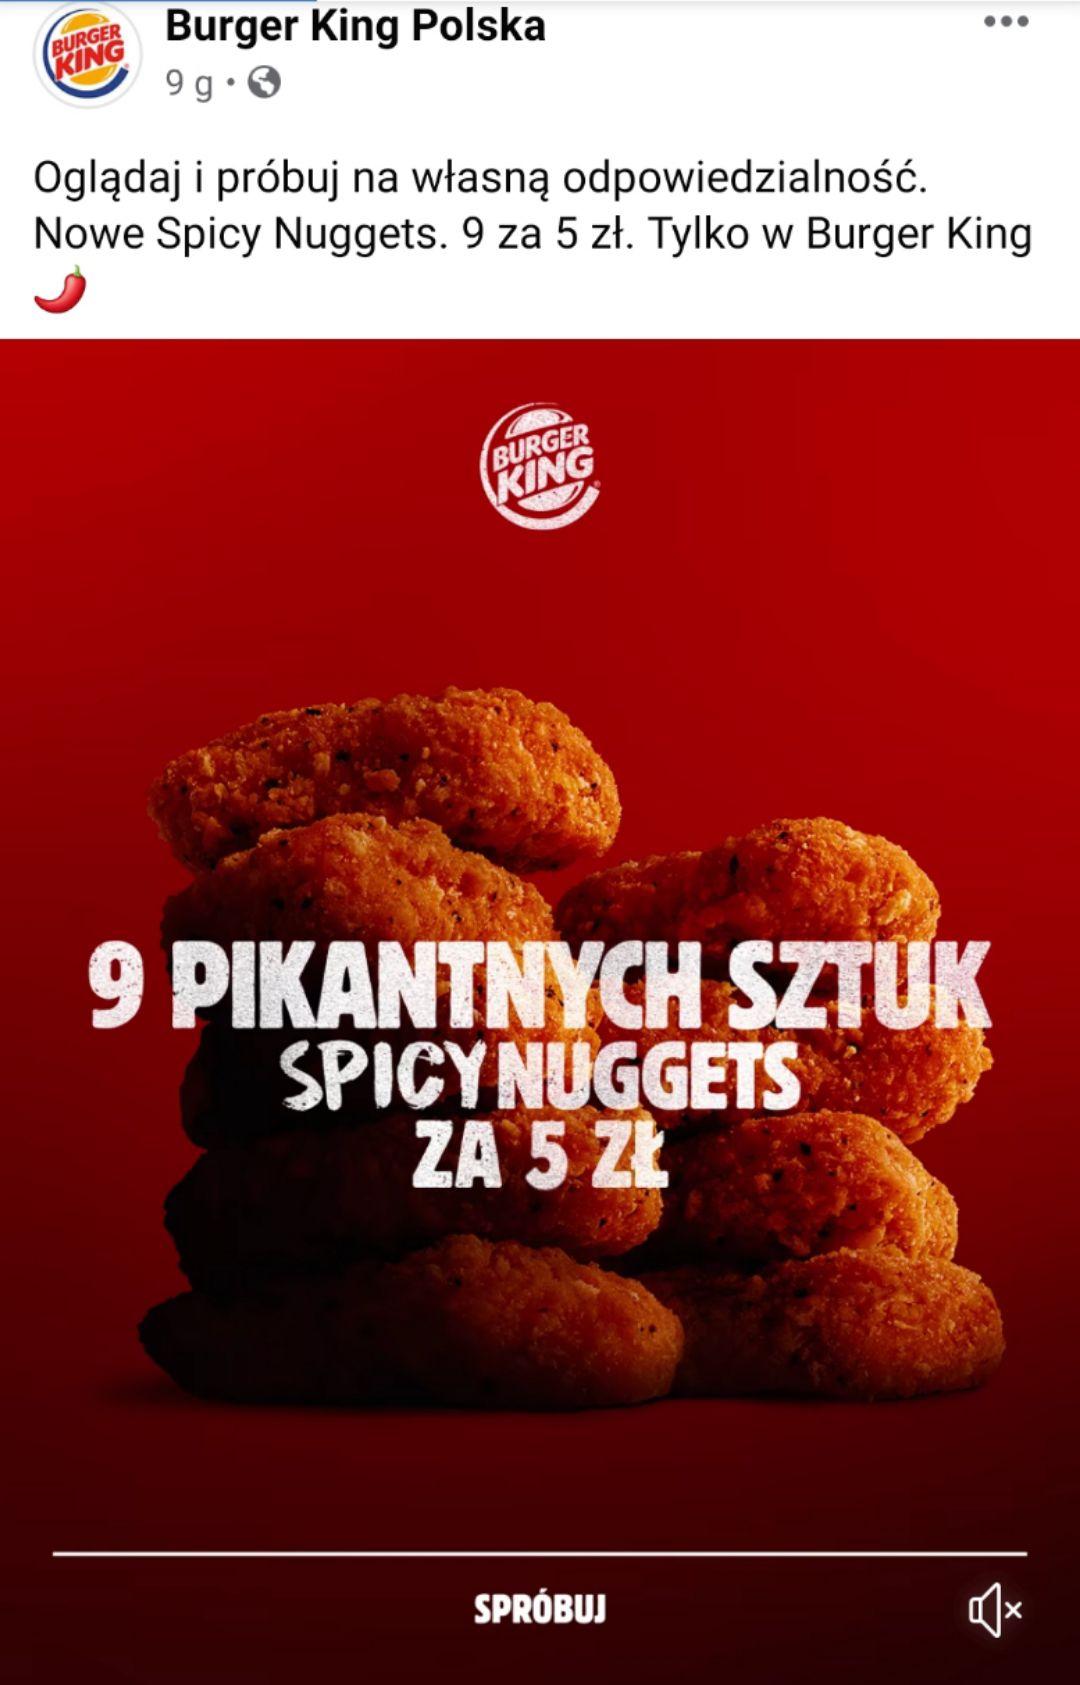 9 spicy nuggets w Burger King za 5zl (działa także na normalne nuggetsy)